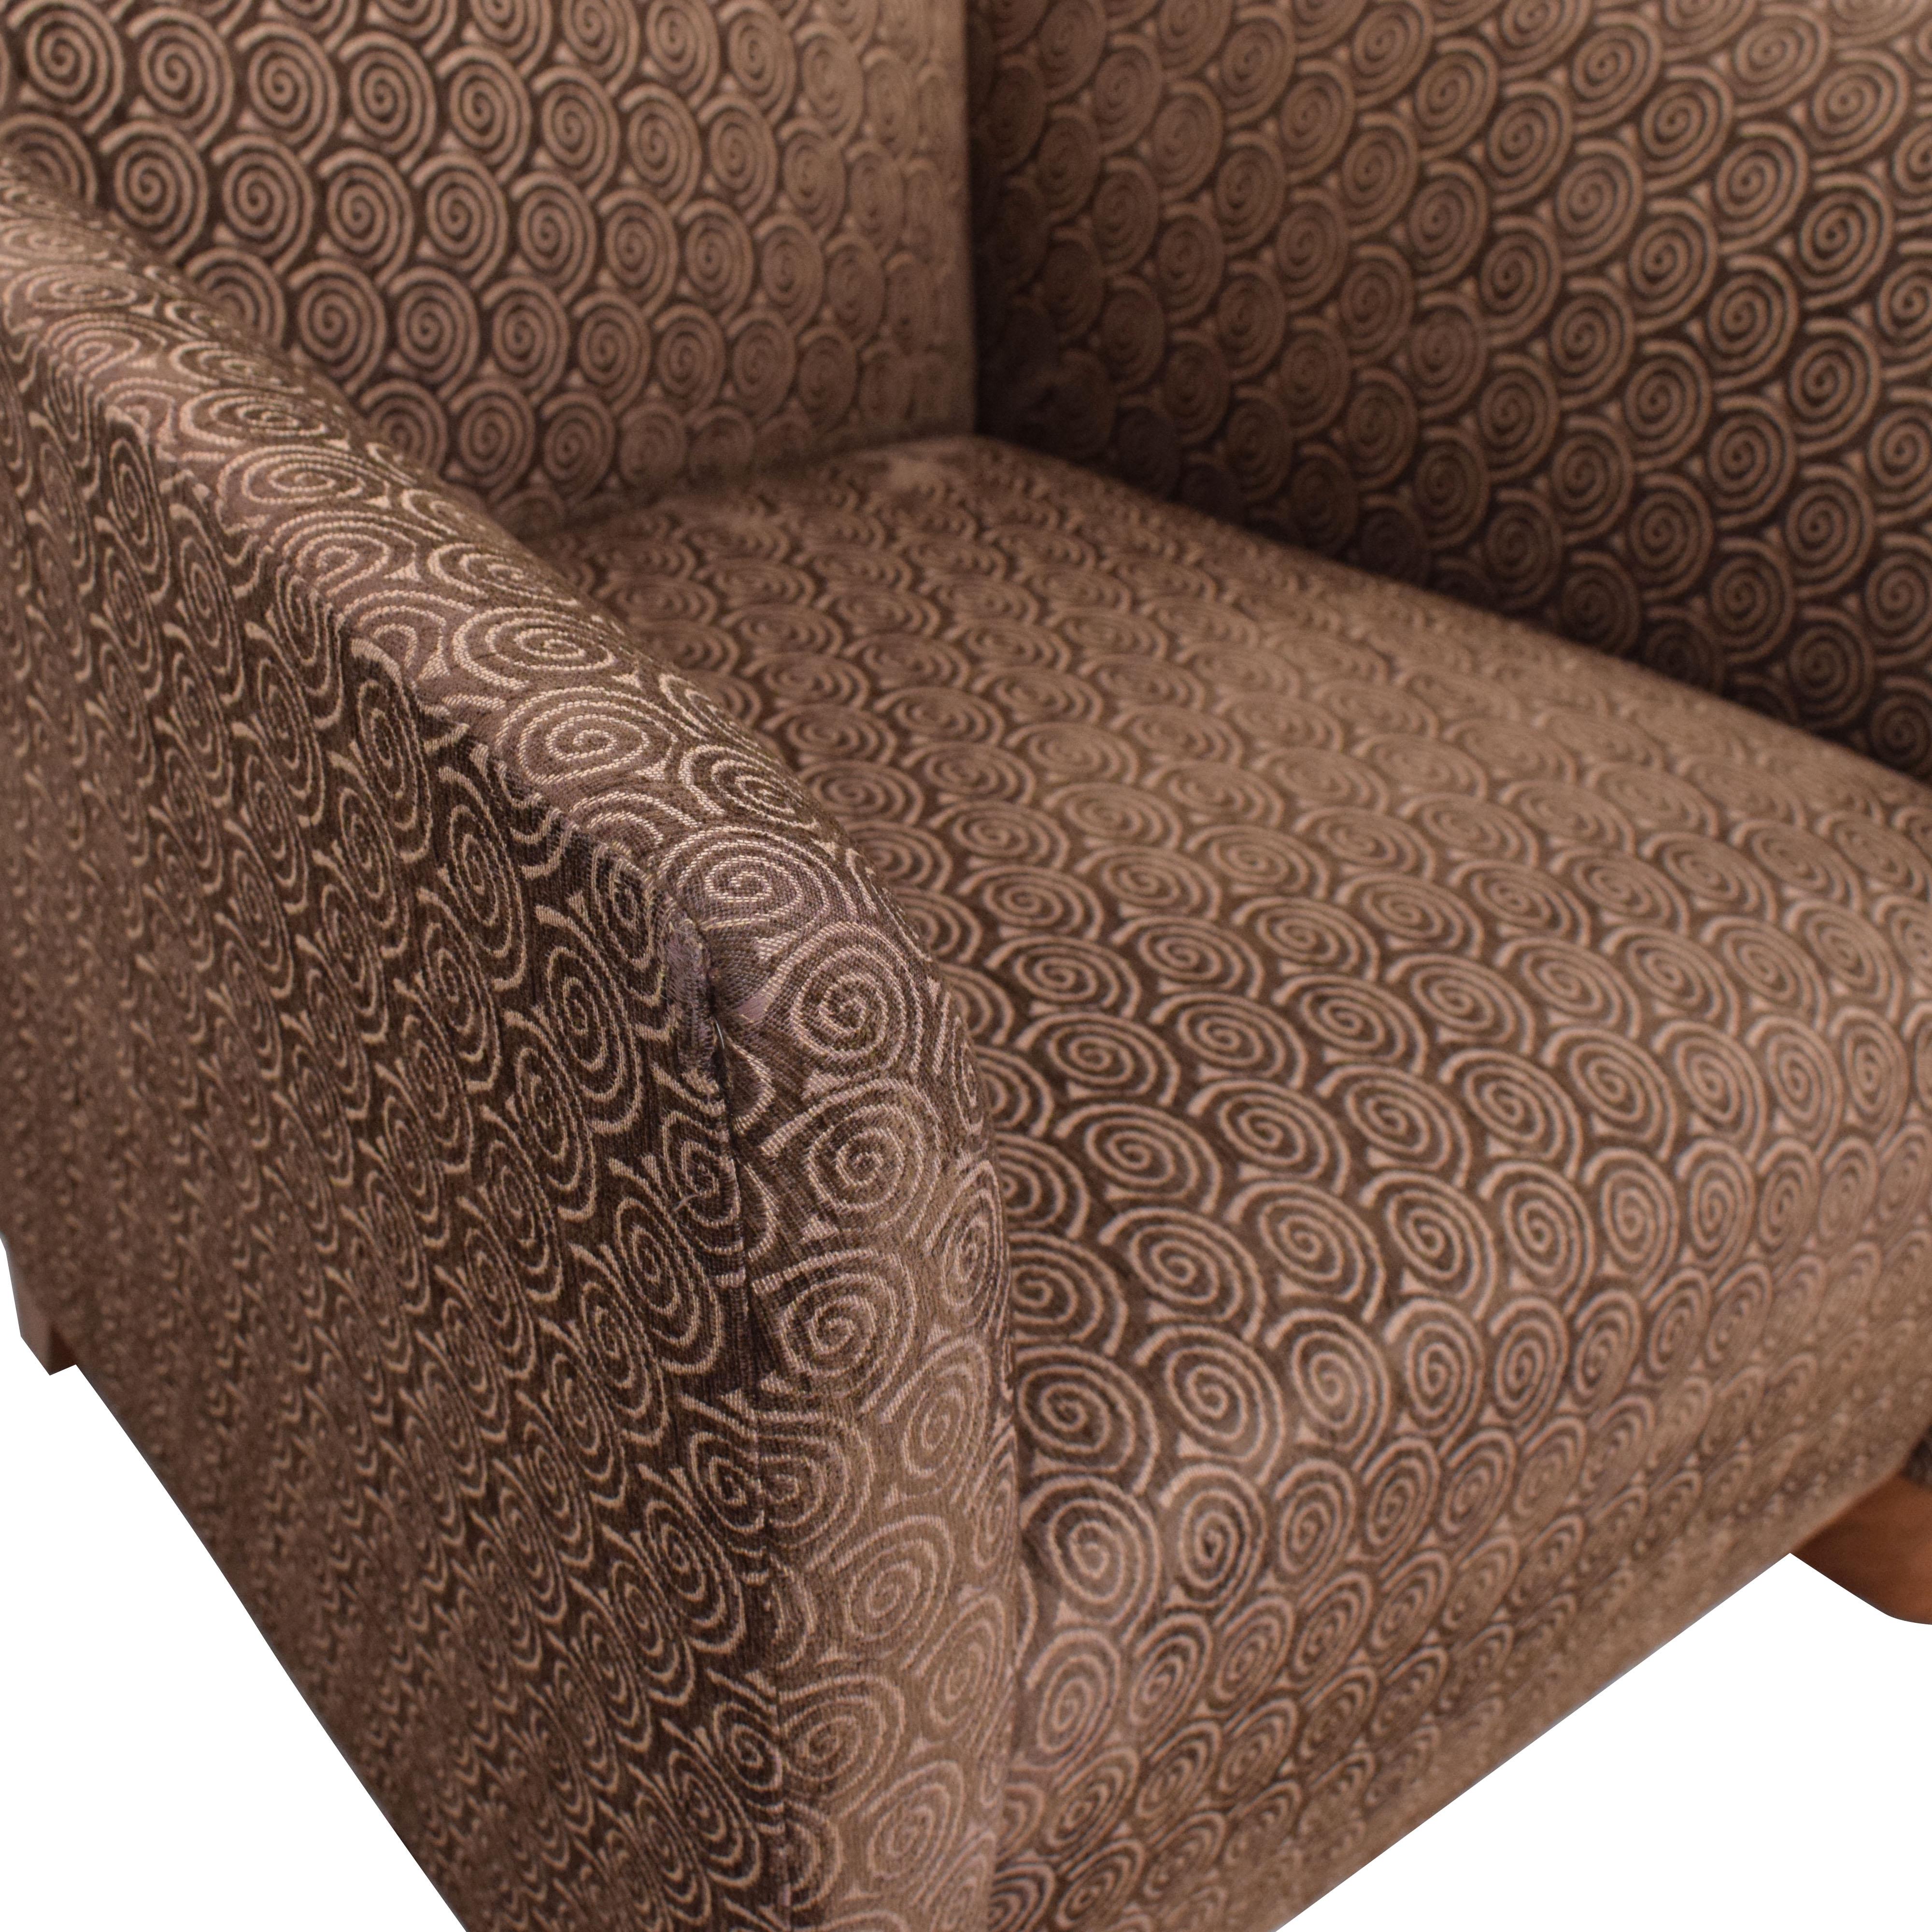 Kravet Kravet Dana Chair for sale